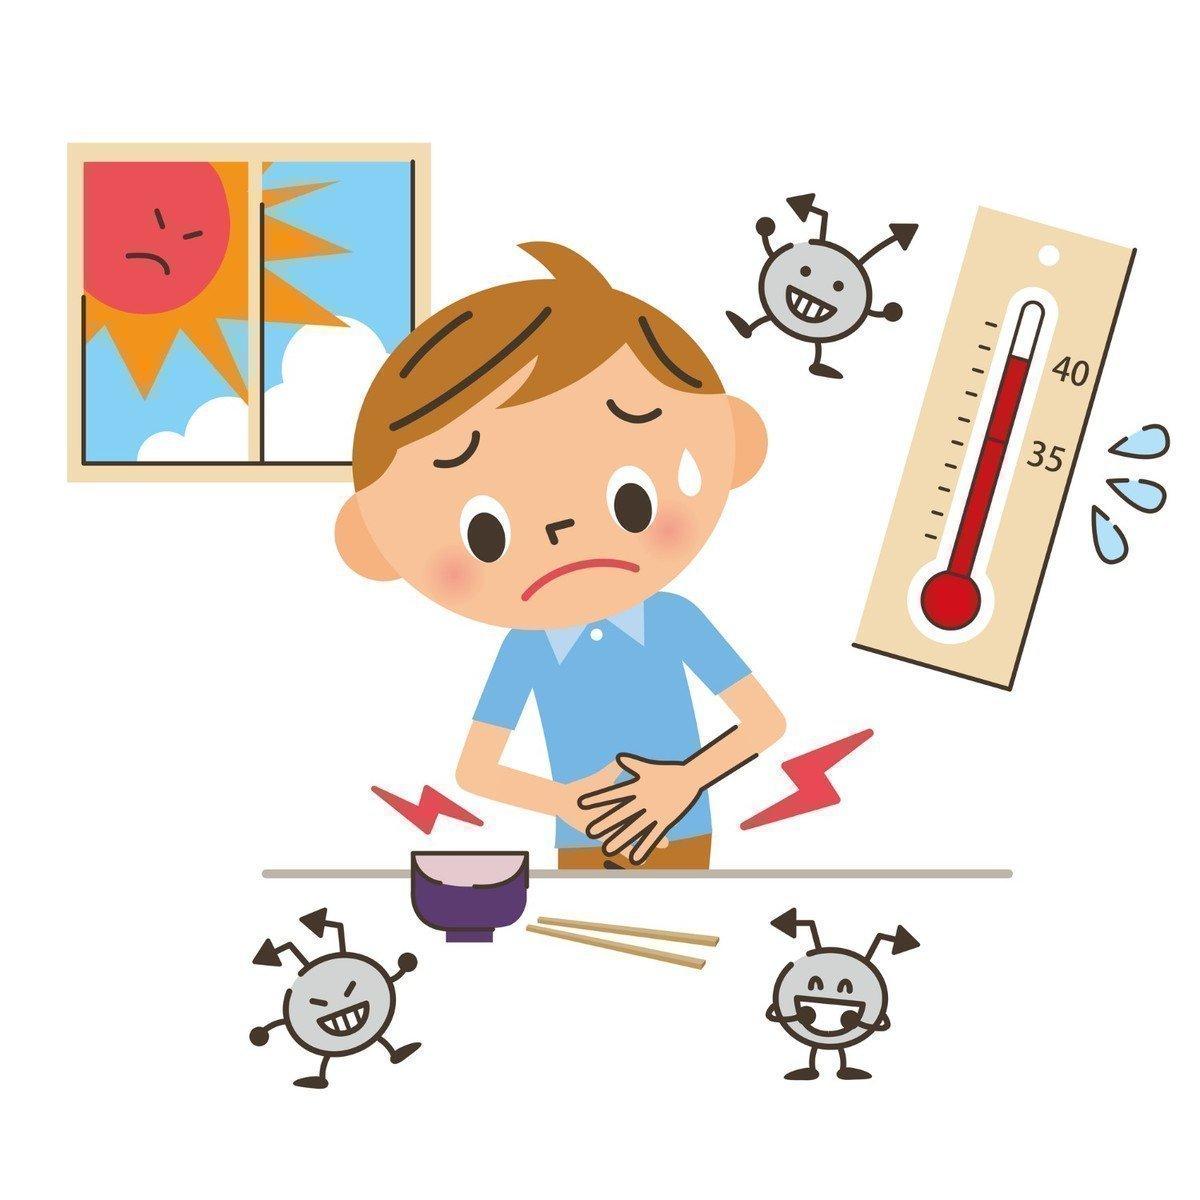 夏は食中毒が起こりやすい季節!食中毒の起こる原因や予防策を解説します!の画像